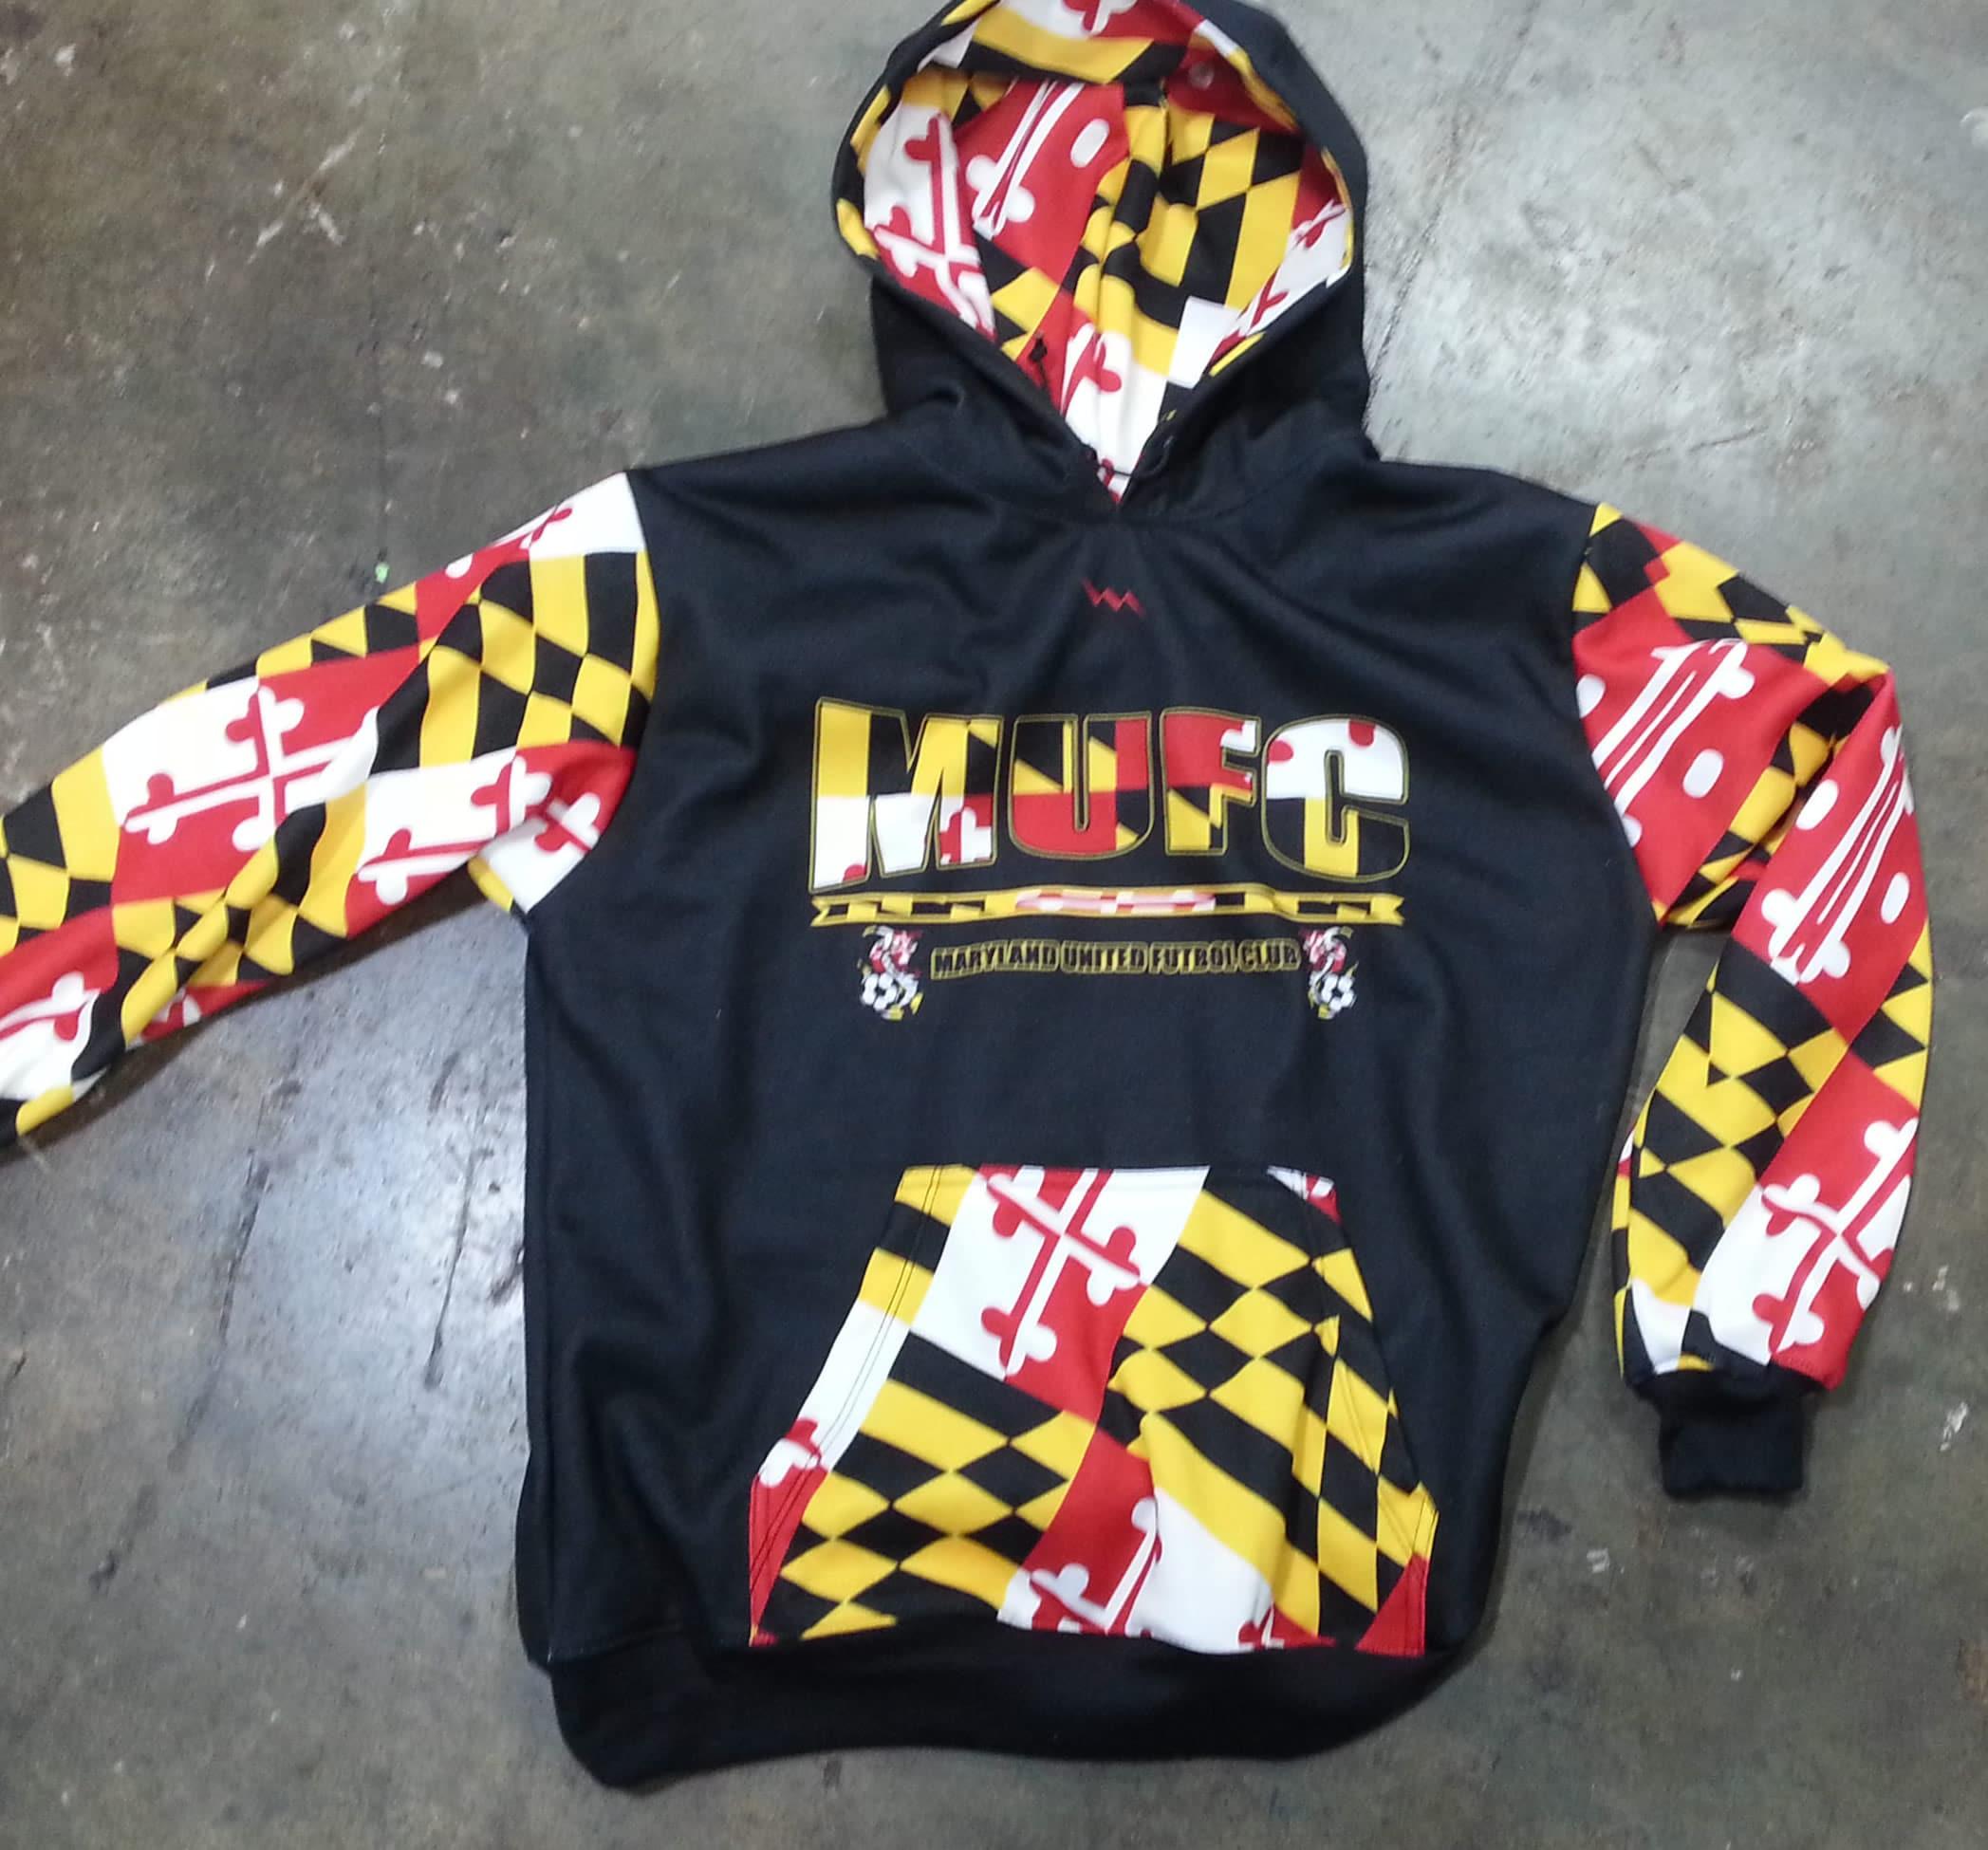 Maryland soccer sweatshirts - maryland flag sweatshirts